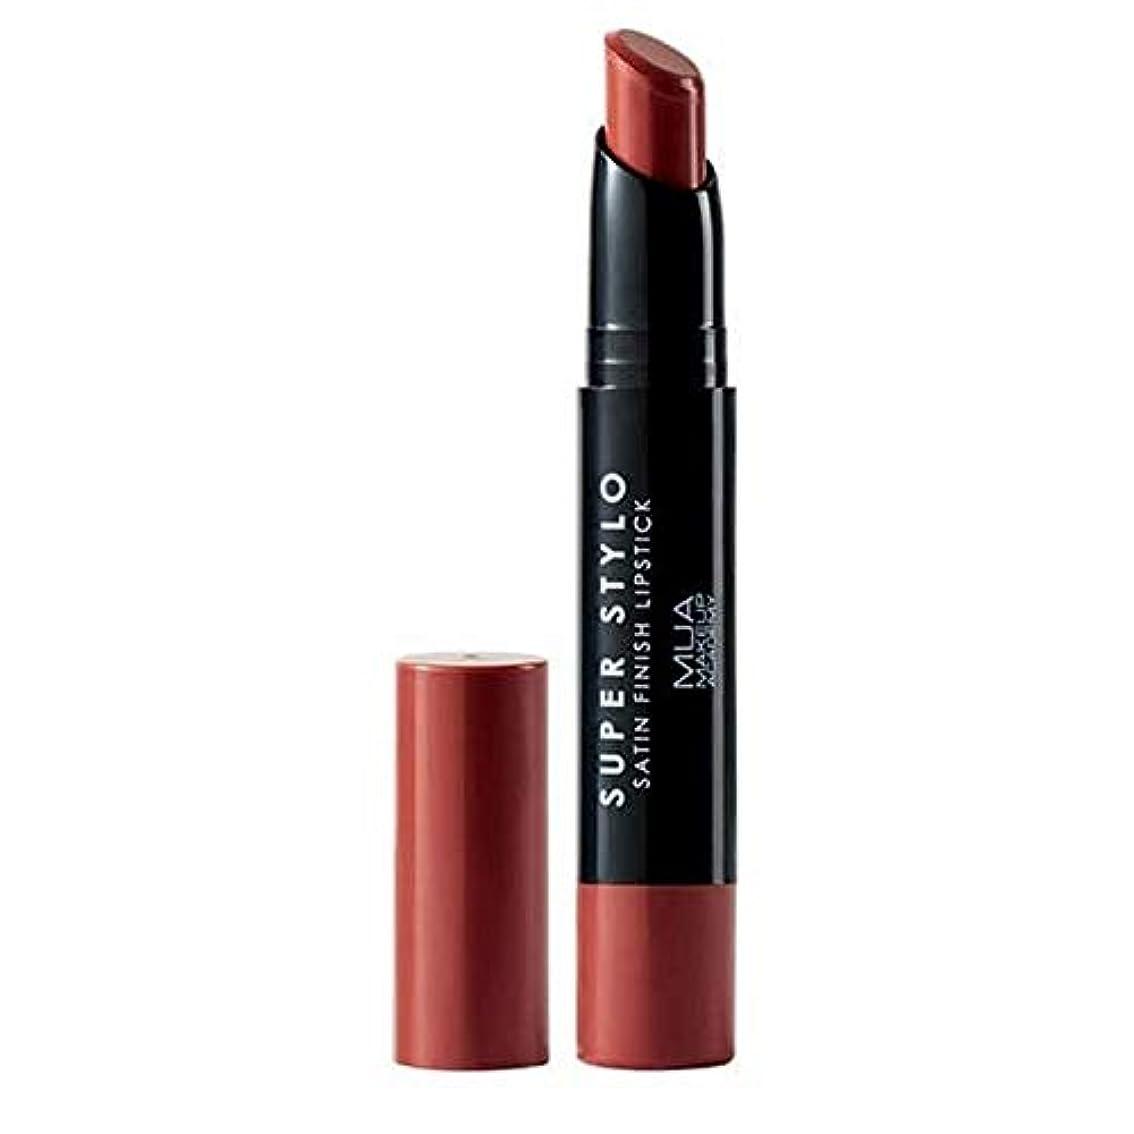 もっと続編解読する[MUA] MuaスーパーStylo口紅の主要005 - MUA Super Stylo Lipstick Major 005 [並行輸入品]